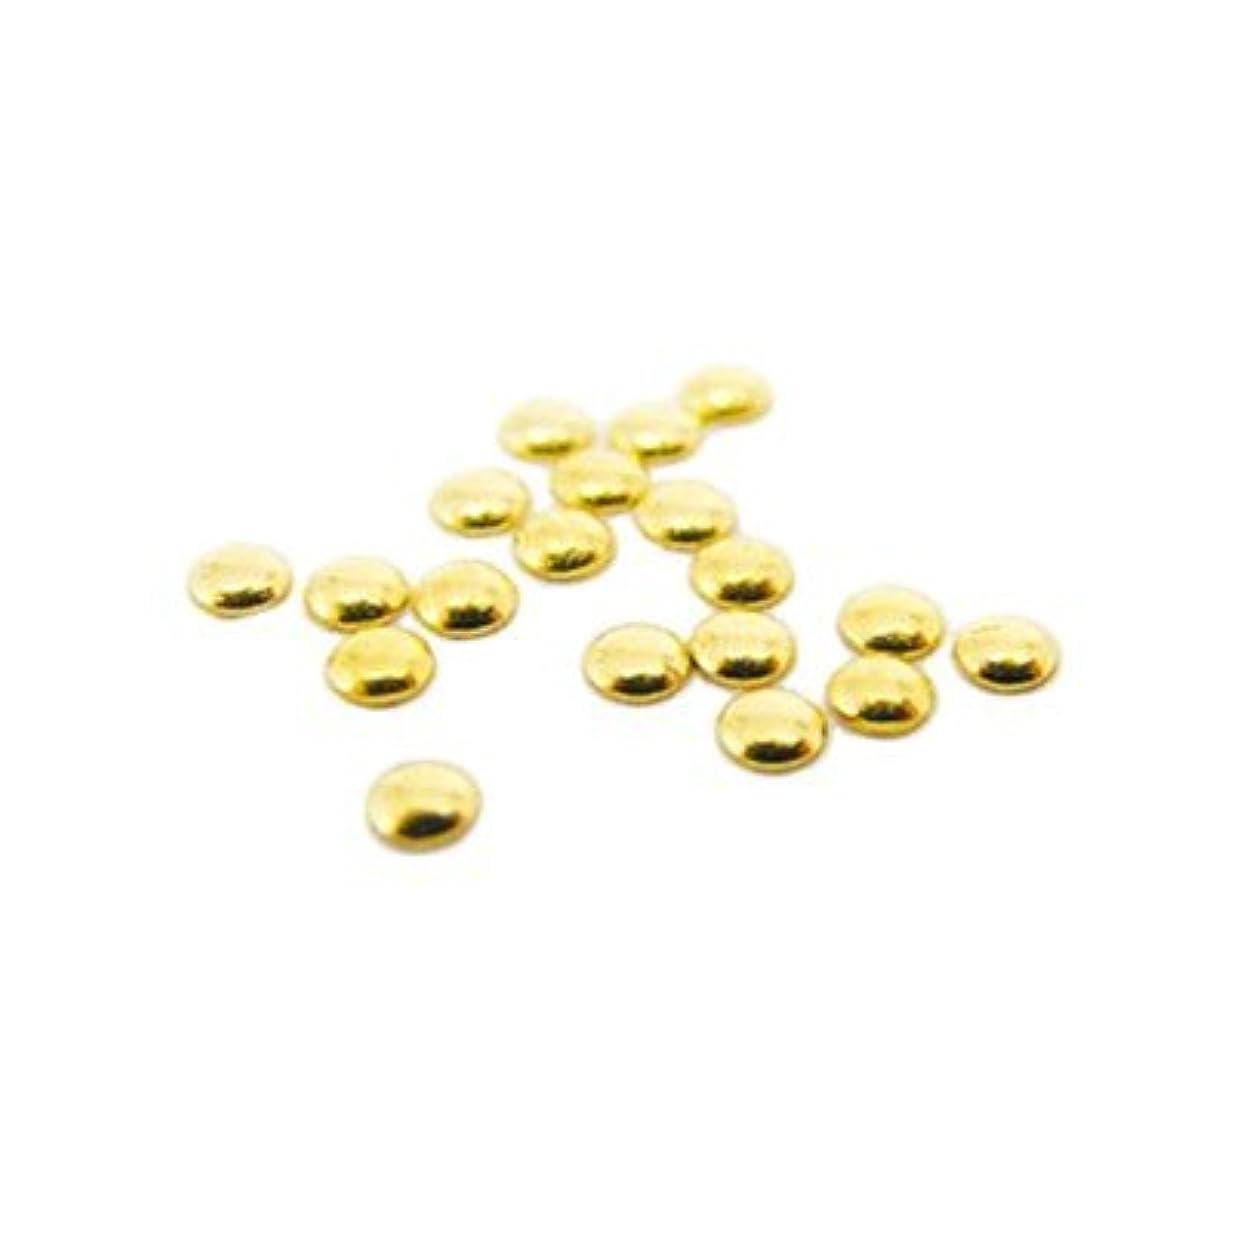 スキニー懐疑的モニターピアドラ スタッズ 1.5mm 50P ゴールド